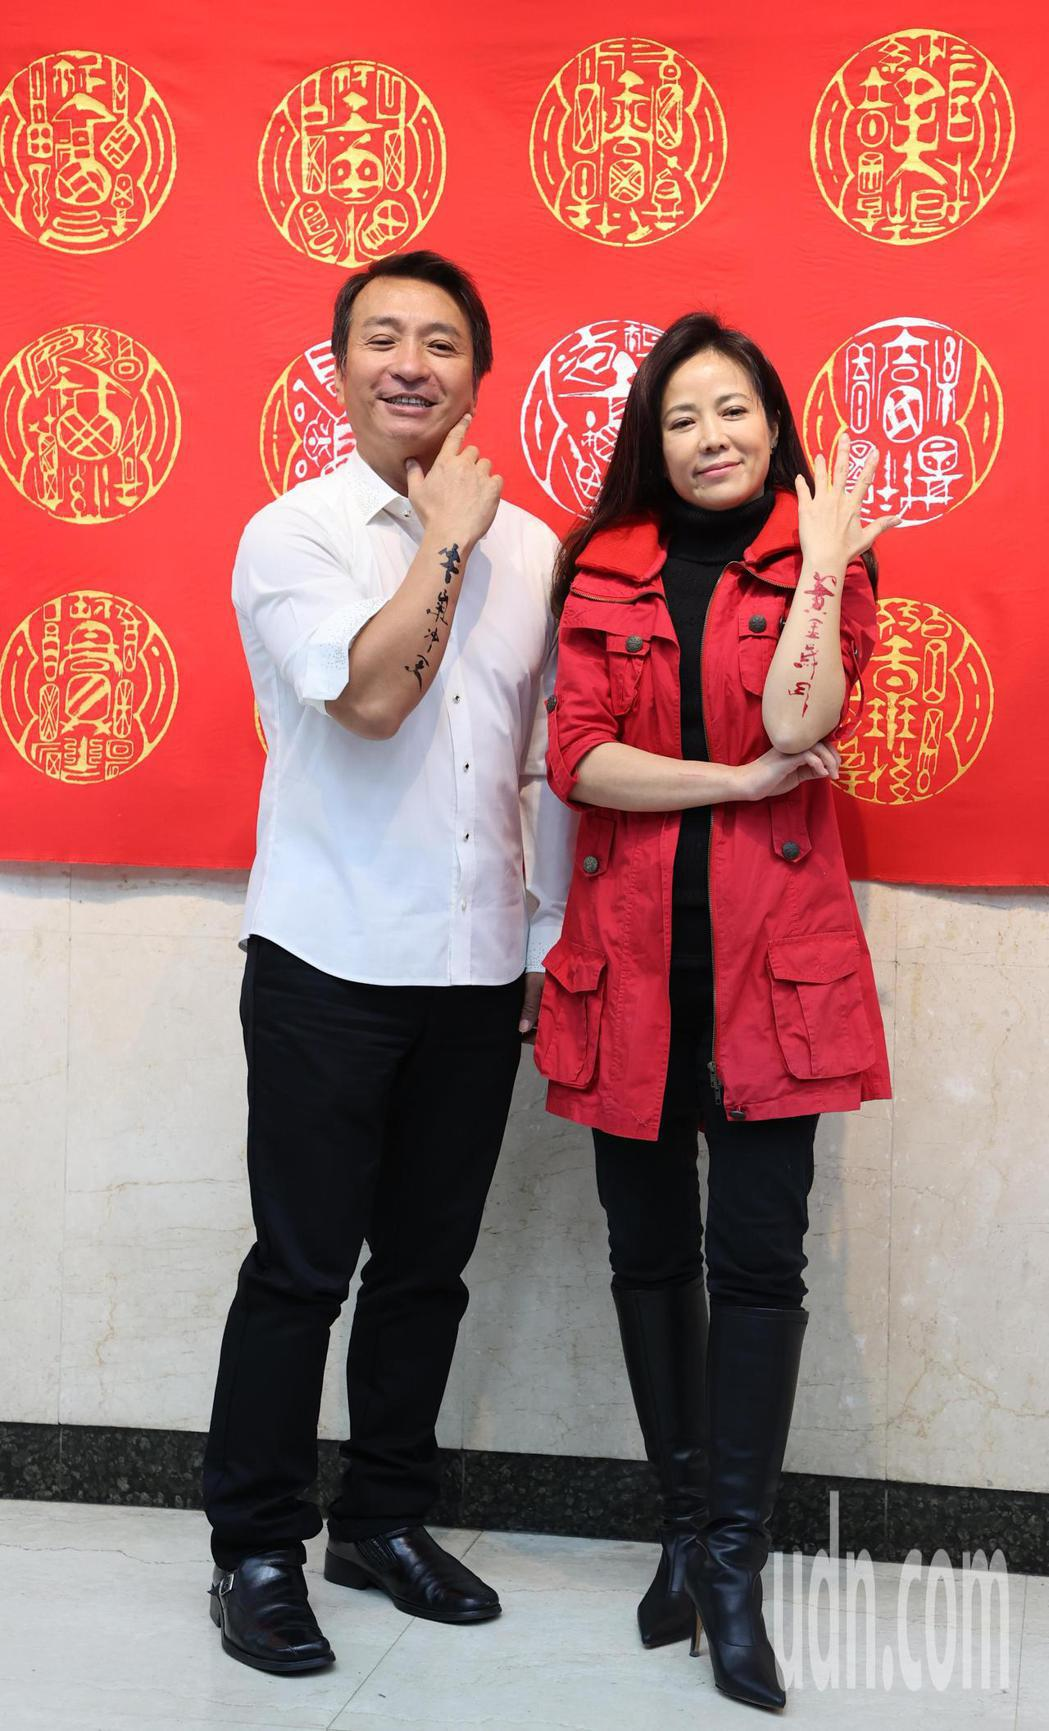 藝人王中平(左)、陳仙梅(右)上午為新戲「黃金歲月」揮毫。記者陳正興/攝影